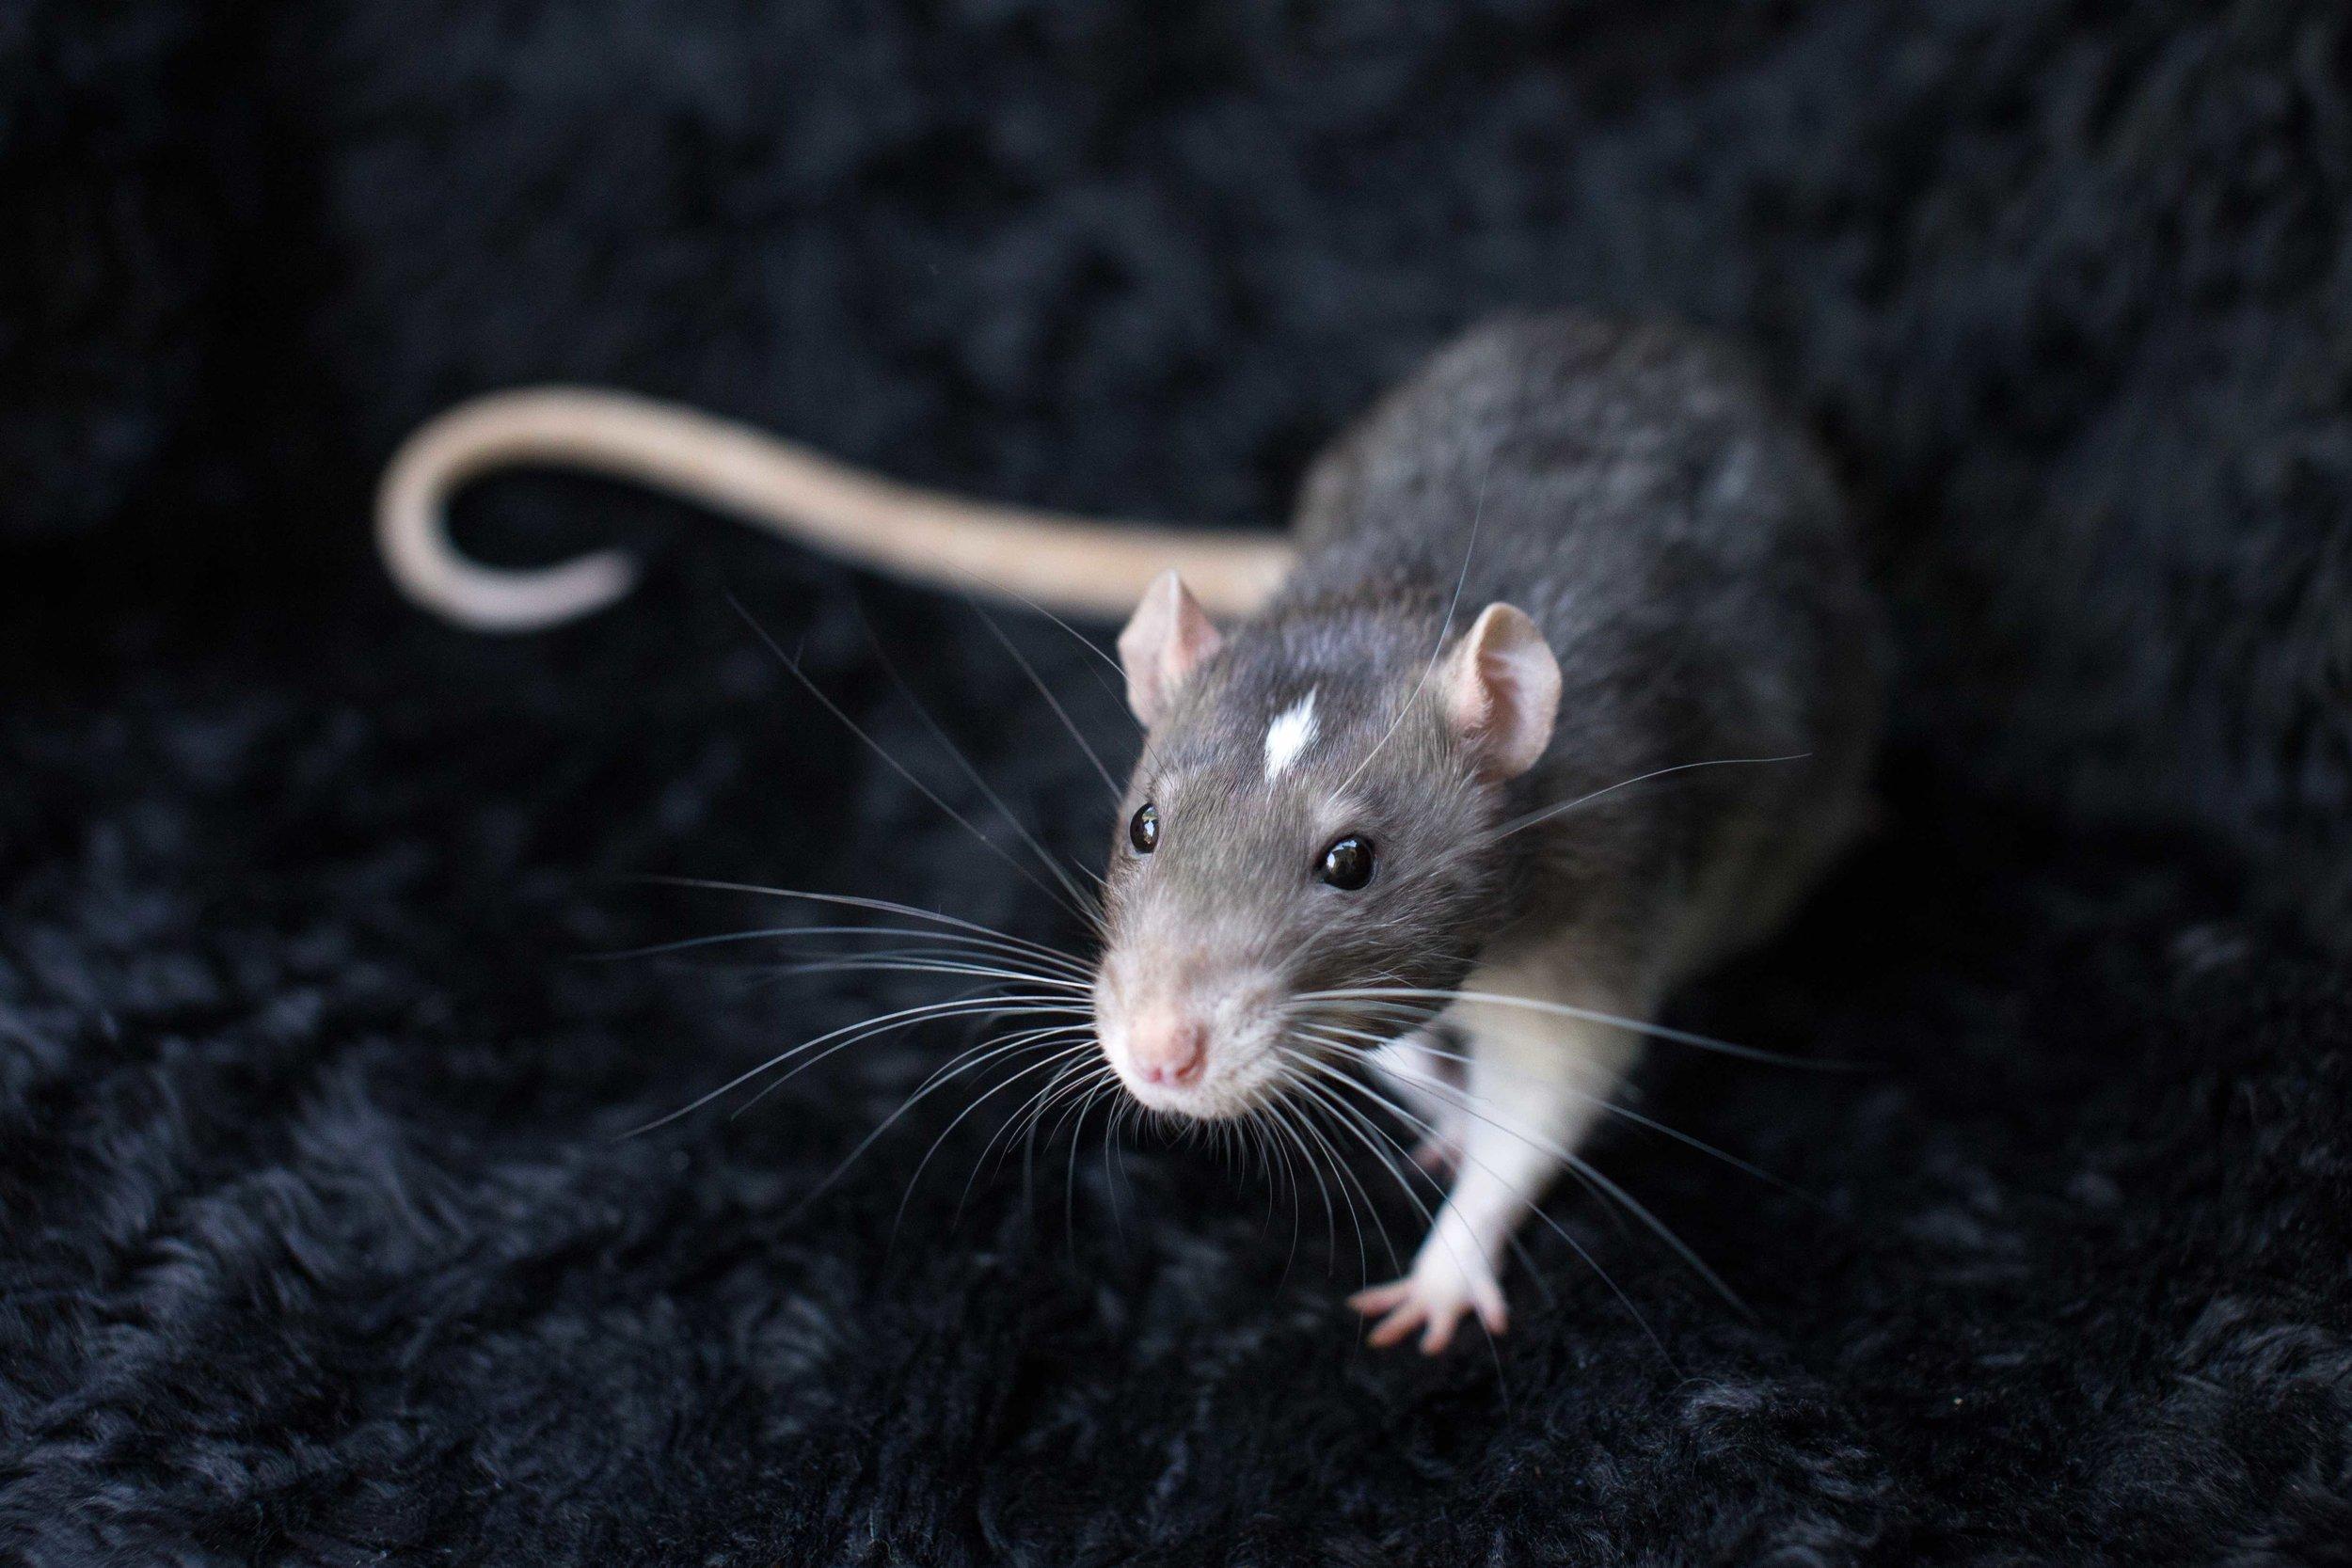 capdouleurnac-veille-scientific-rat